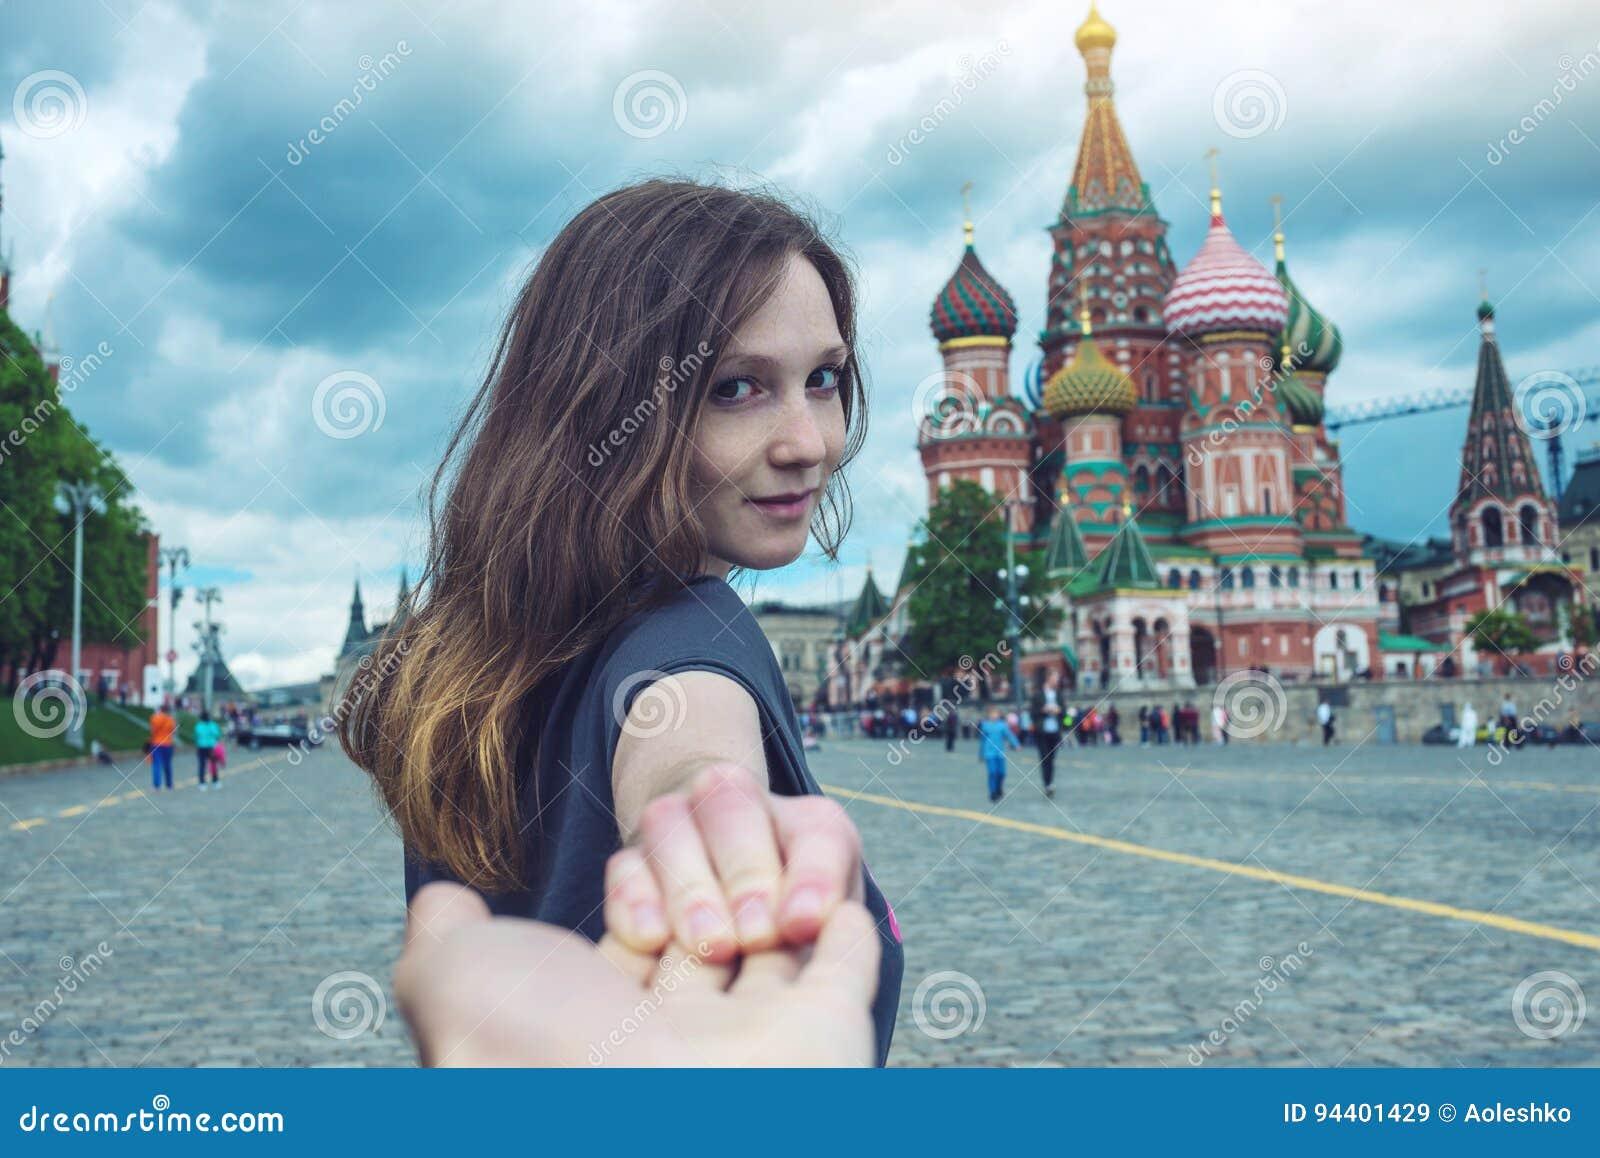 Sígame, muchacha morena atractiva que lleva a cabo la mano lleva al cuadrado rojo en Moscú Rusia